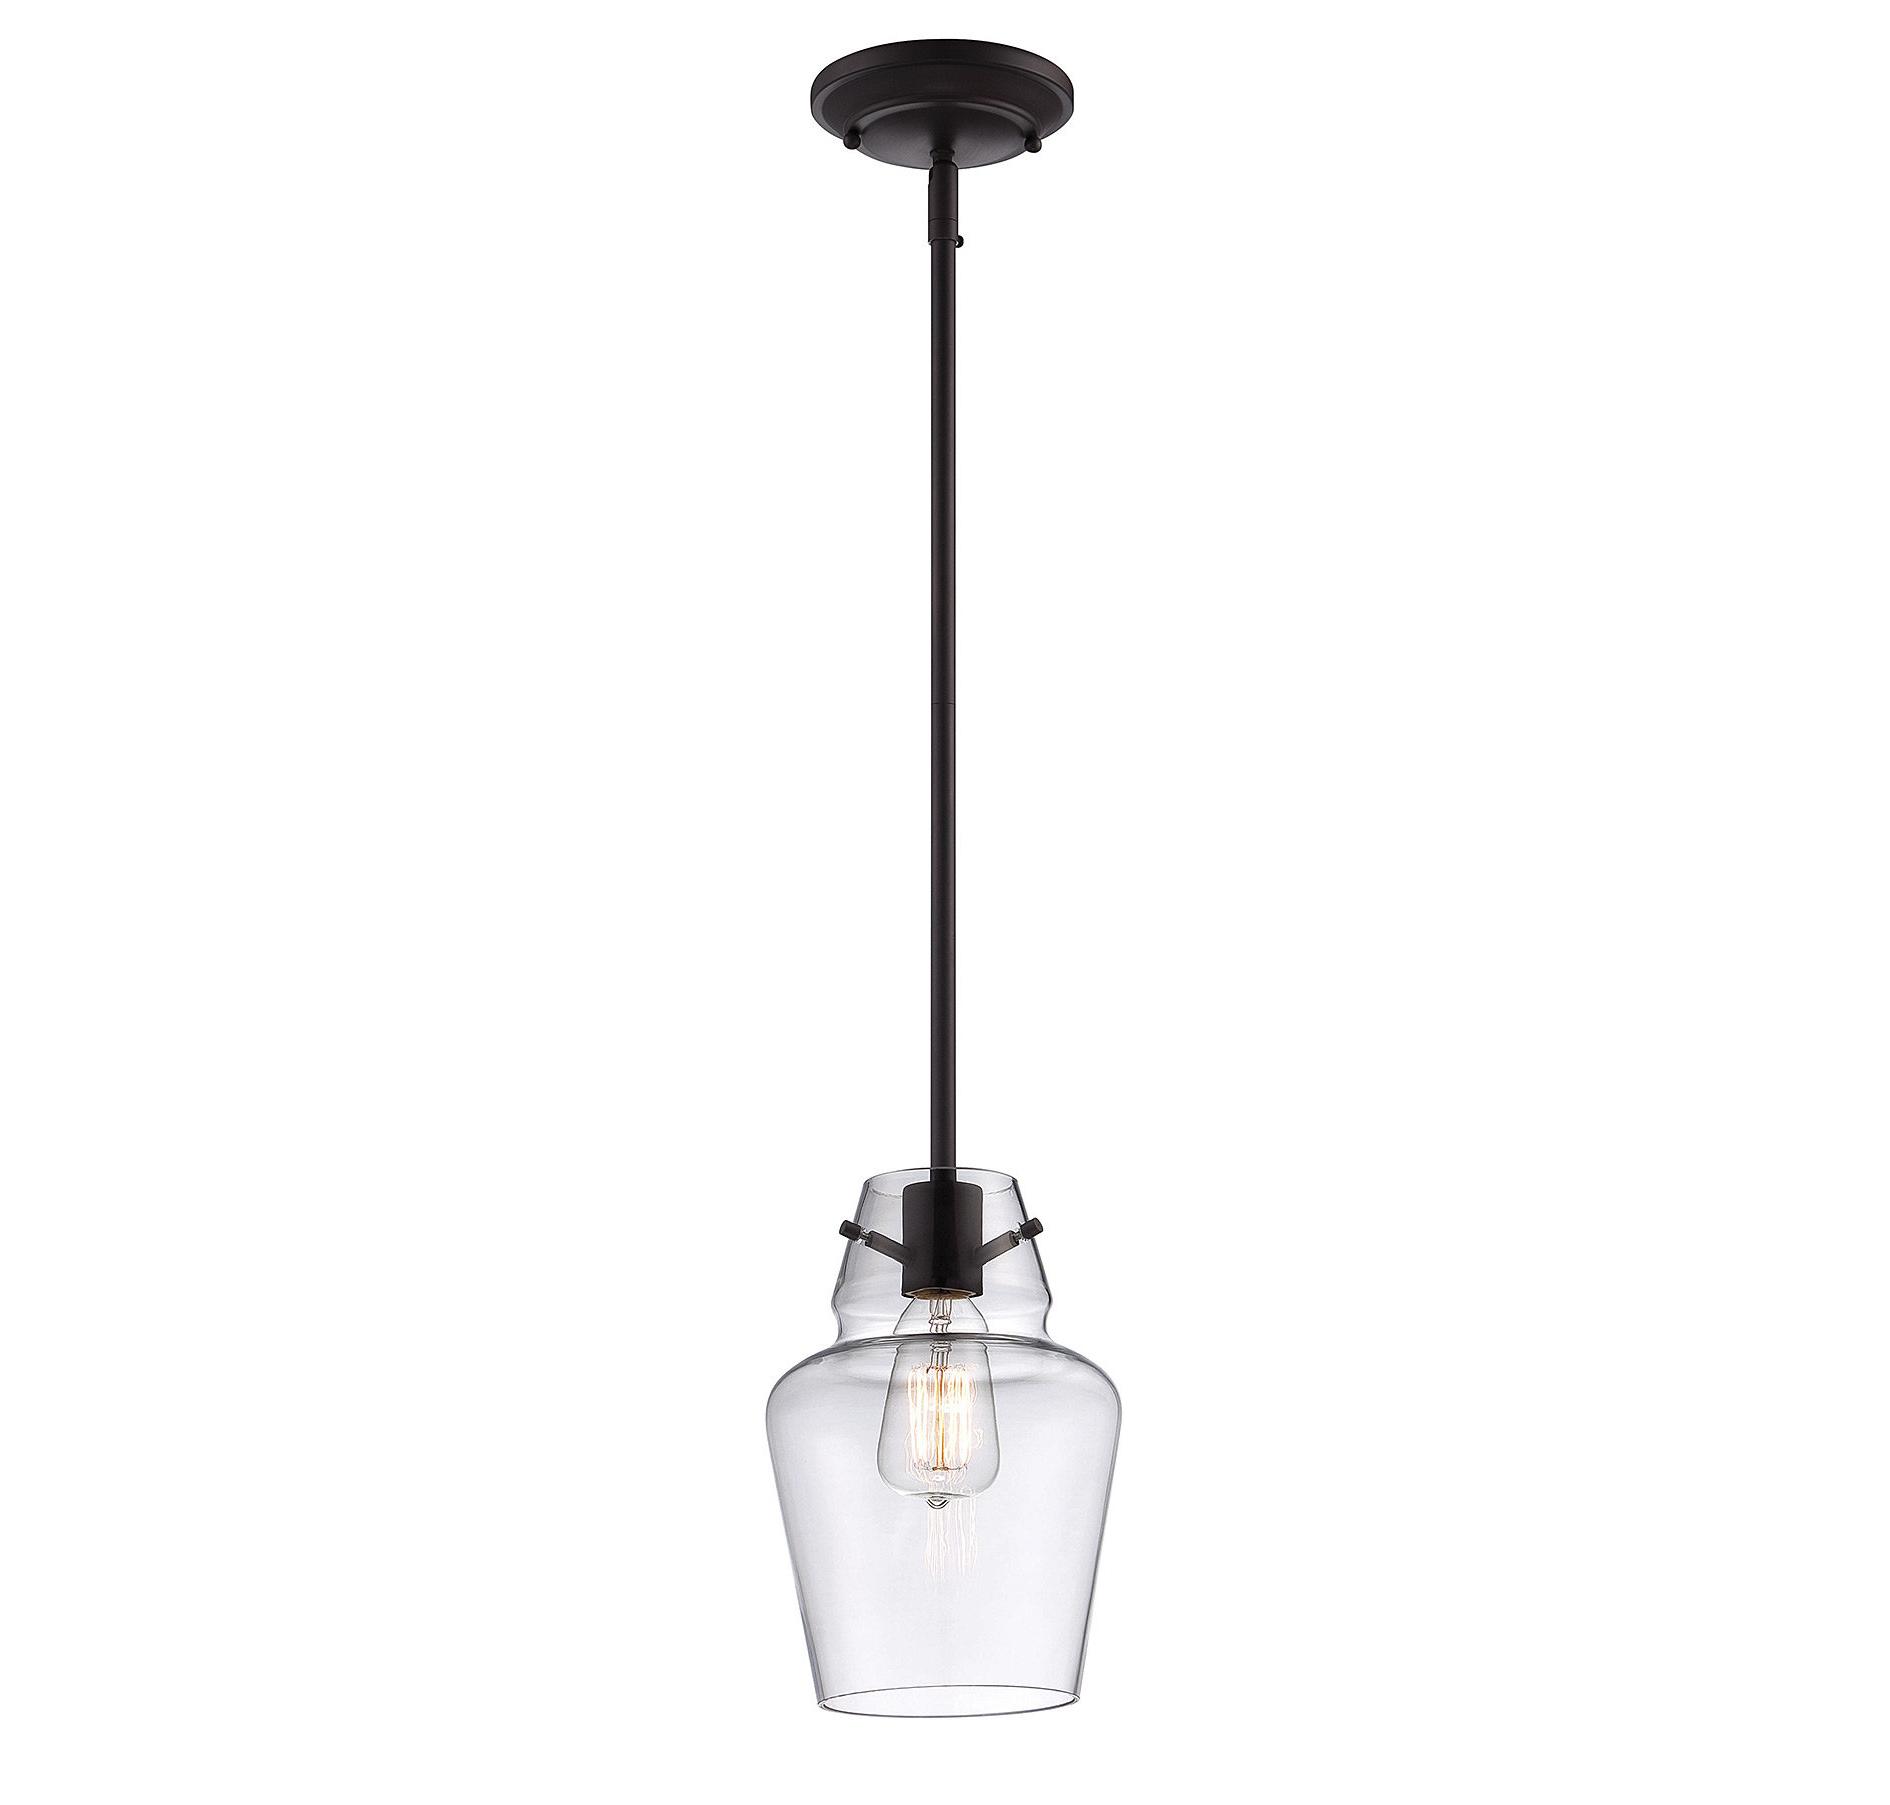 Roslindale 1-Light Single Bell Pendants regarding Fashionable Roslindale 1-Light Single Bell Pendant